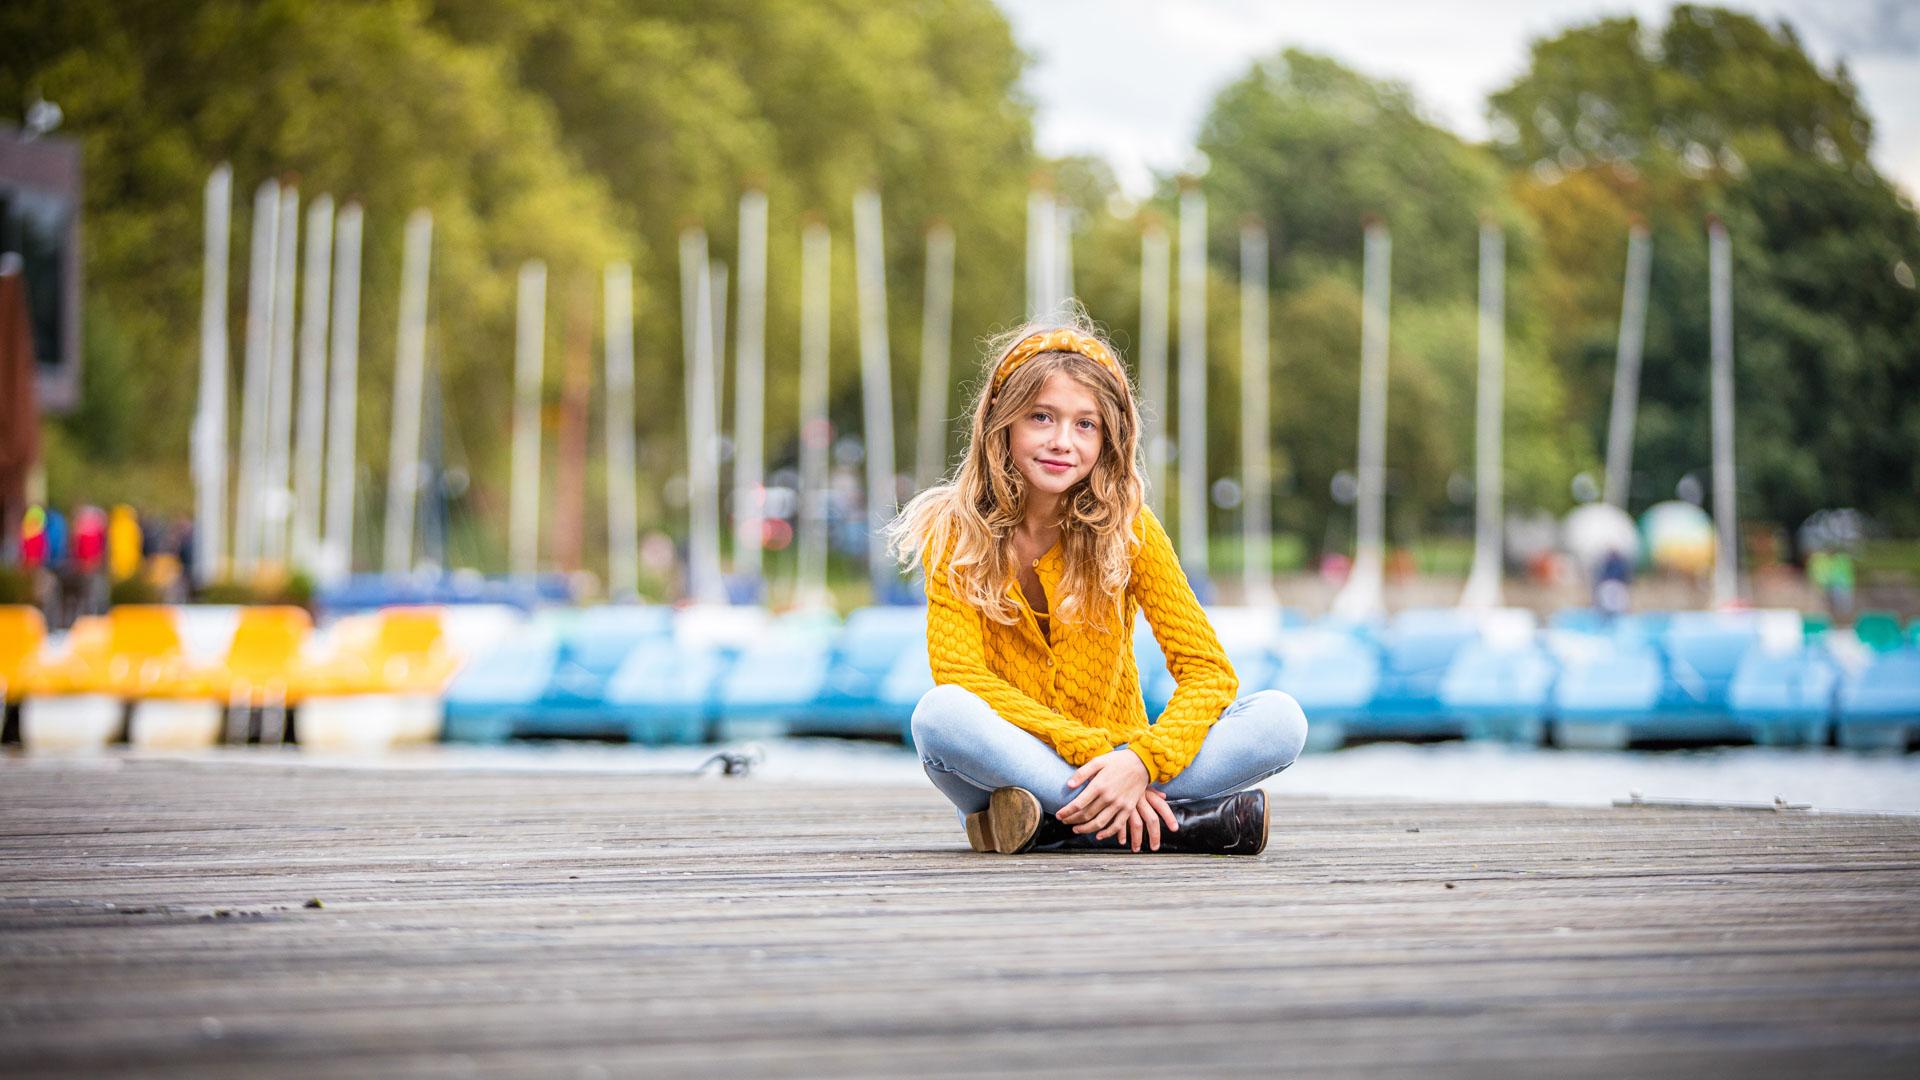 Kindershooting am Aasee in Münster